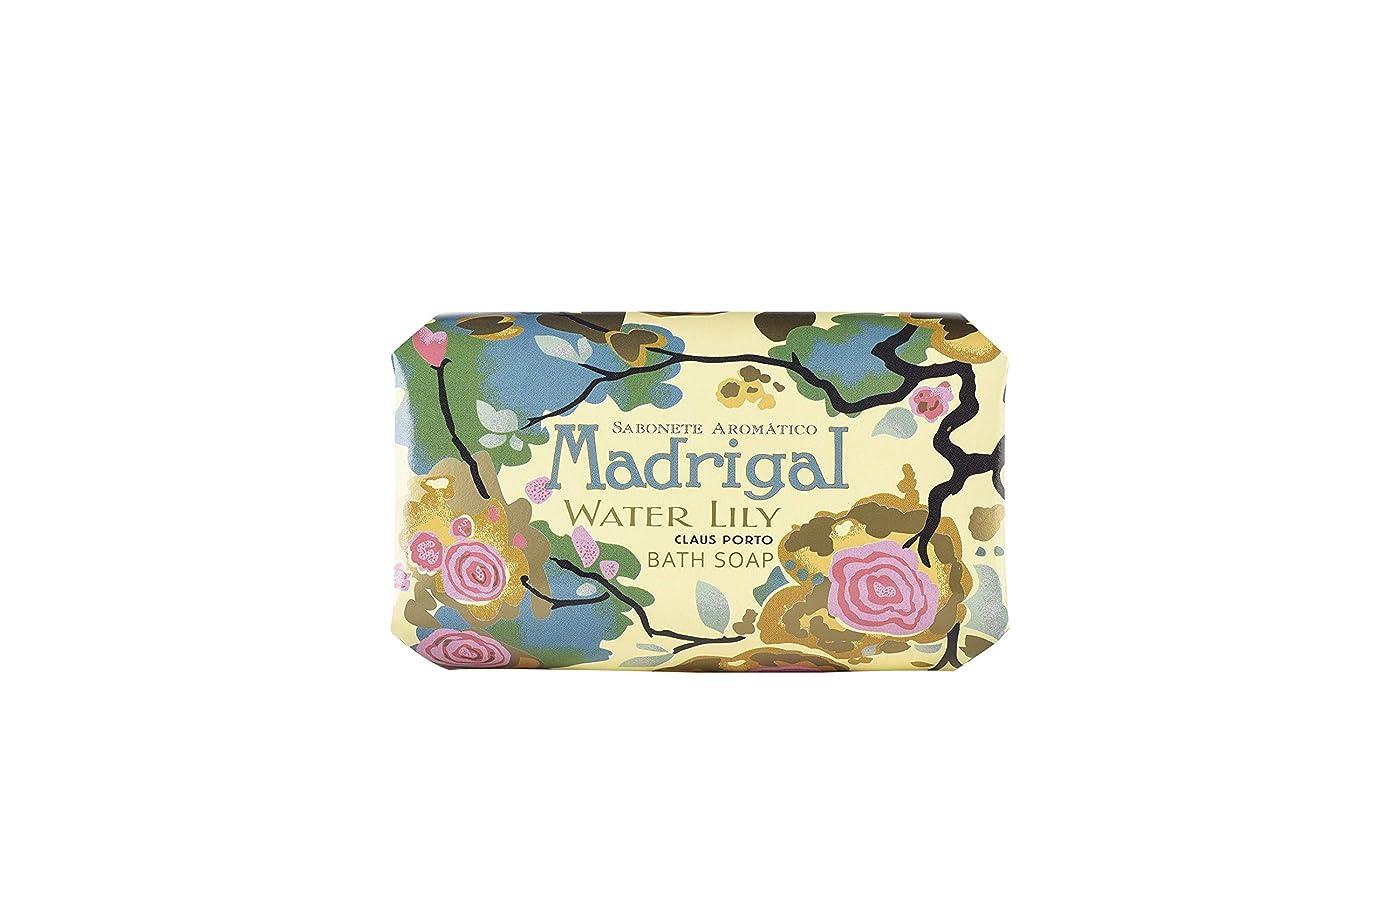 ナンセンスすり免疫Claus Porto MADRIGAL マドリガール バスソープ 350g